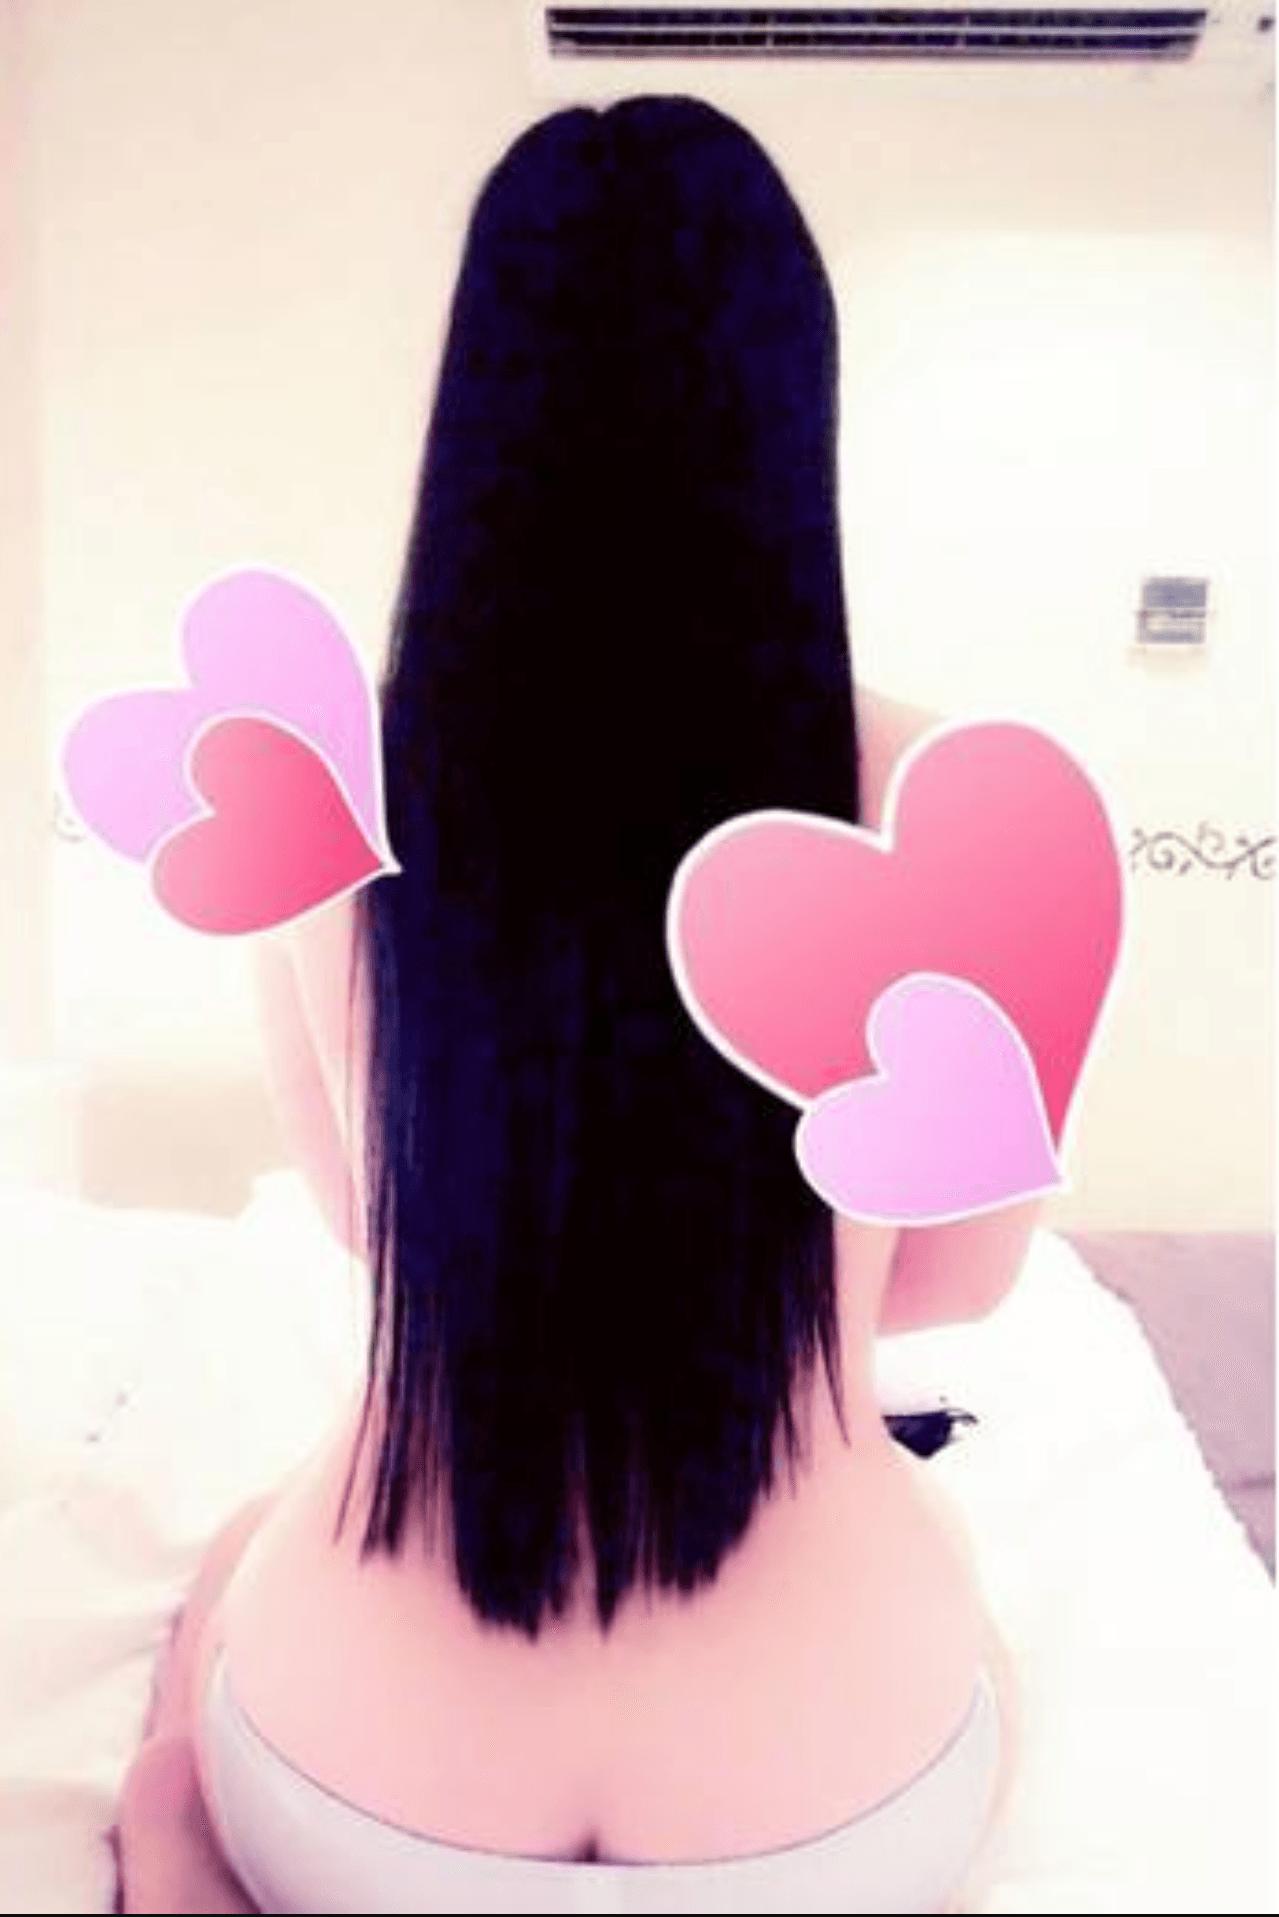 「*〜ありがとうございました〜*」10/20(日) 05:27   新人★藤咲 魅惑の黒髪ドS痴女の写メ・風俗動画